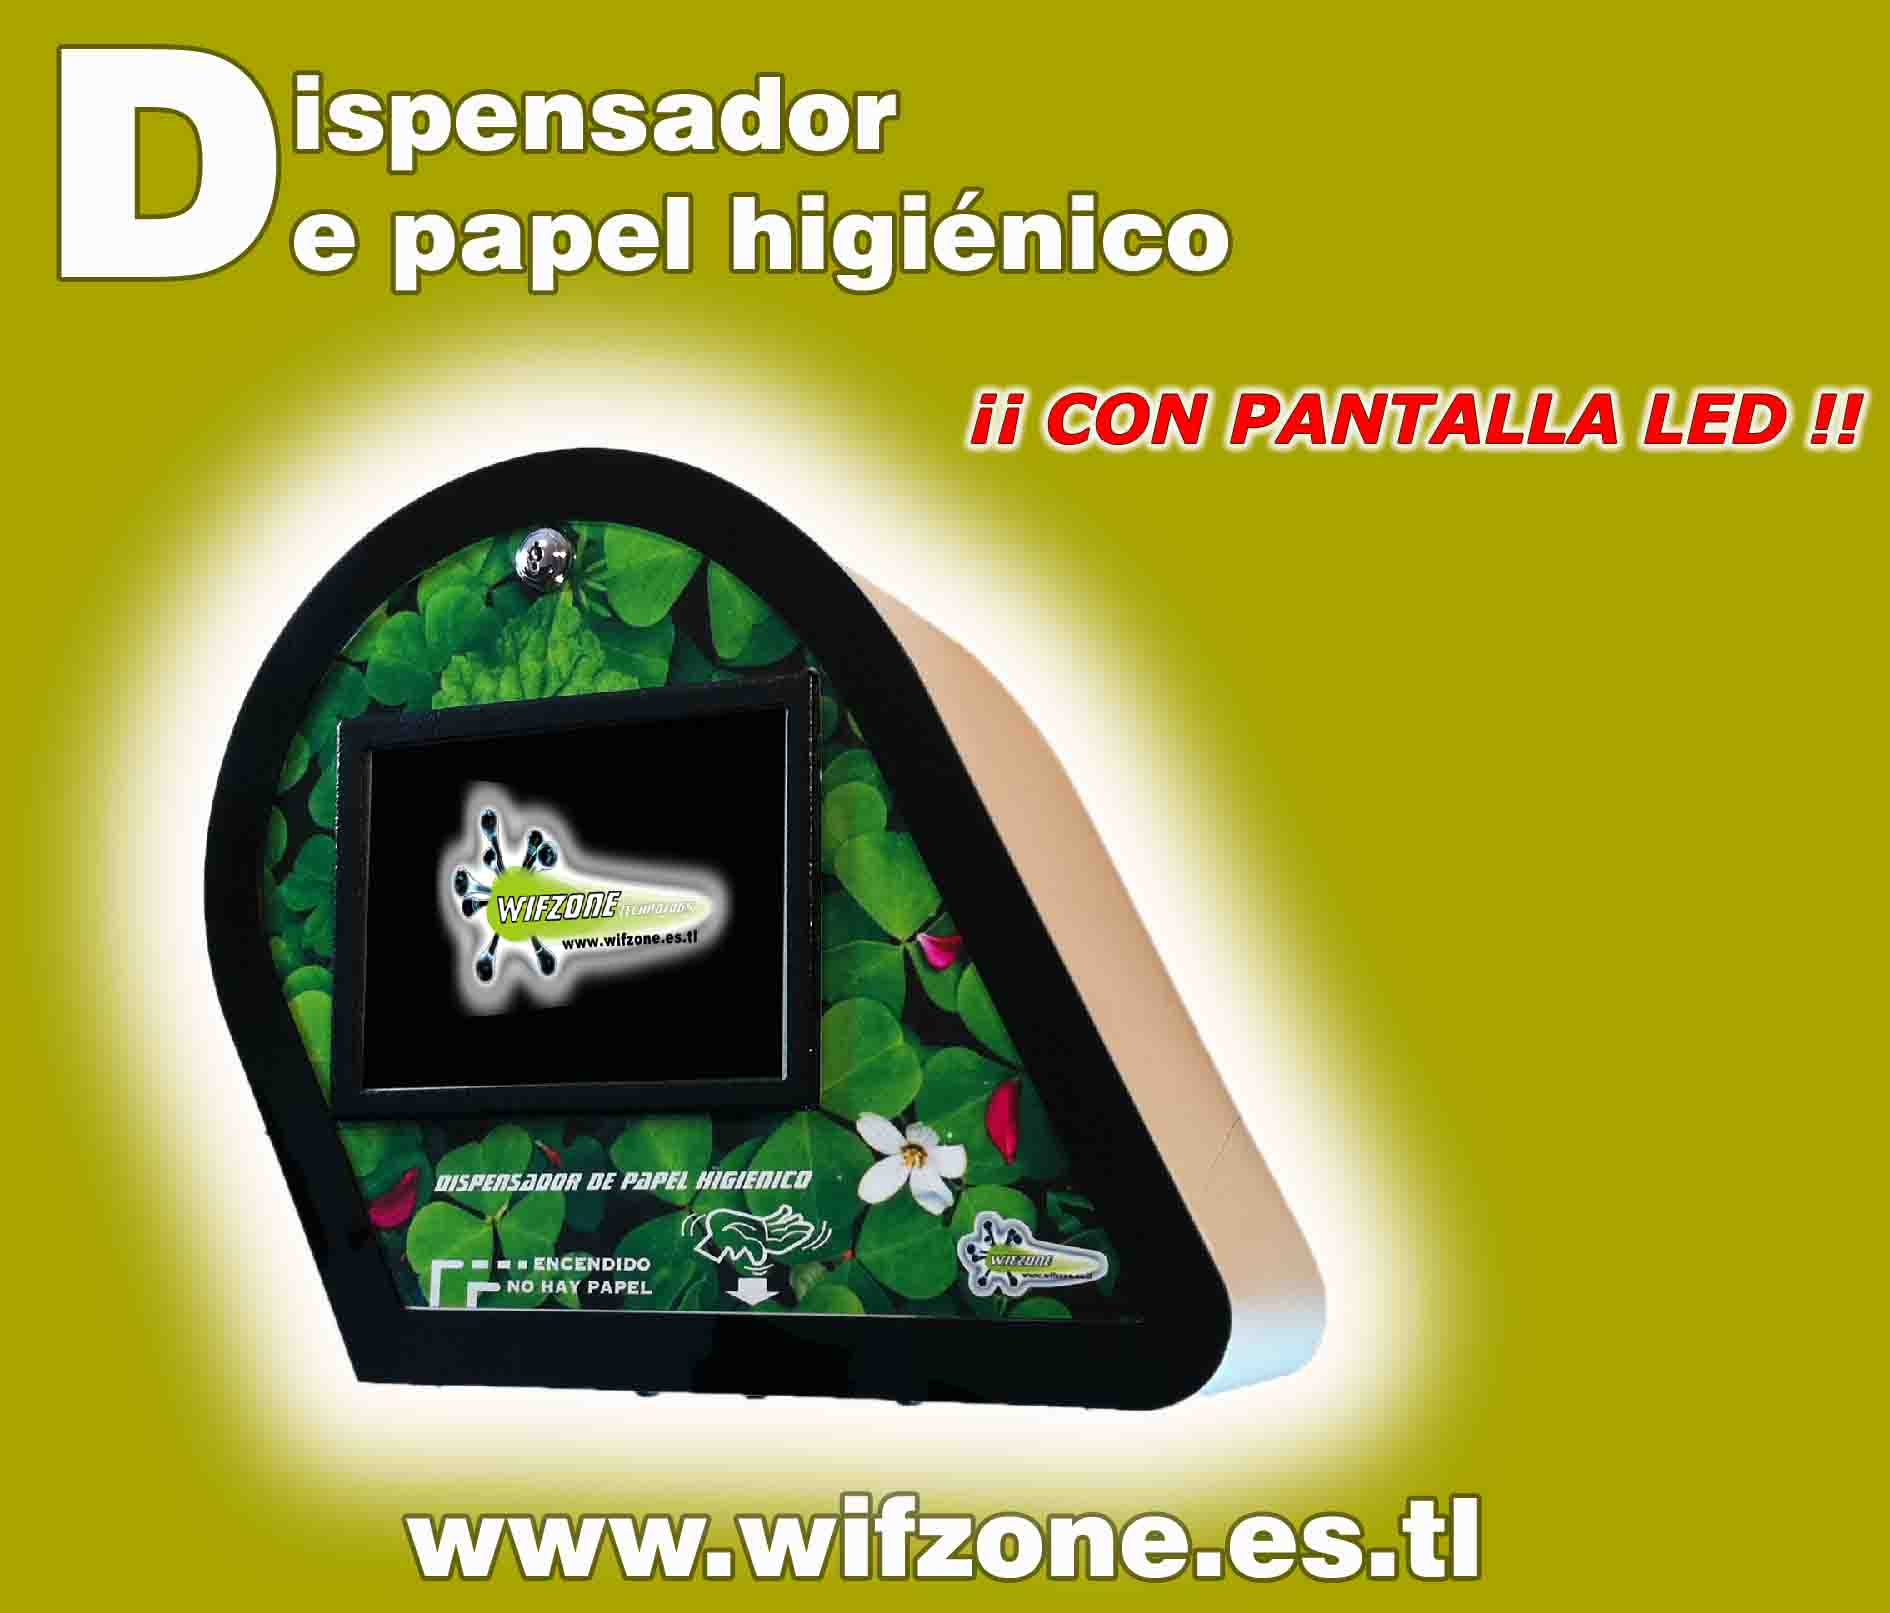 Dispensador Papel Higiénico con pantalla